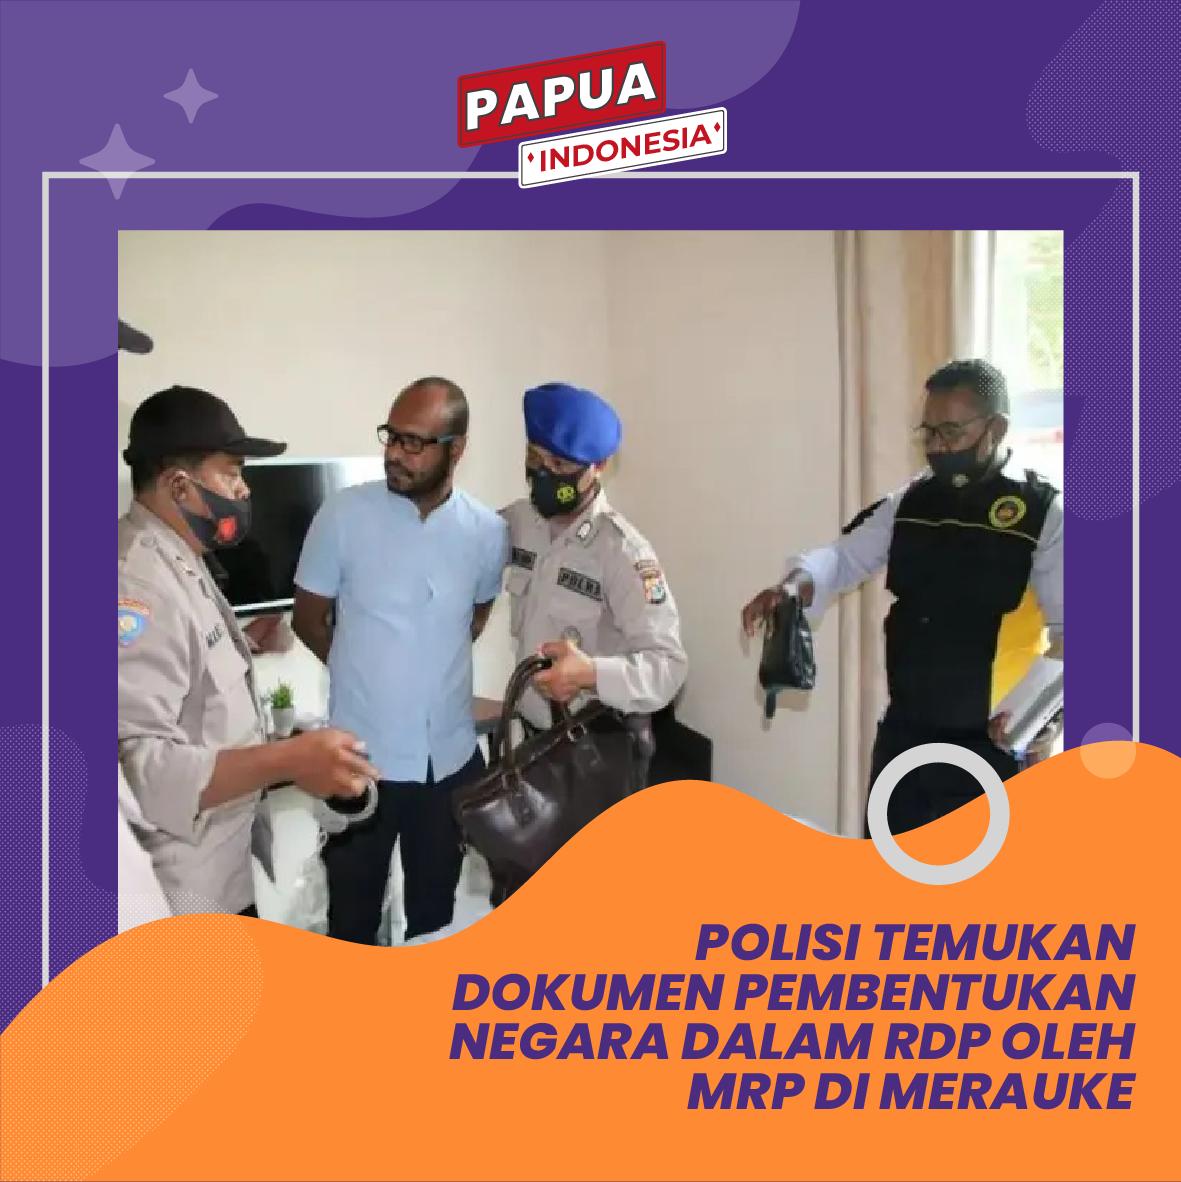 Polisi Temukan Dokumen Pembentukan Negara oleh Anggota MRP di Merauke